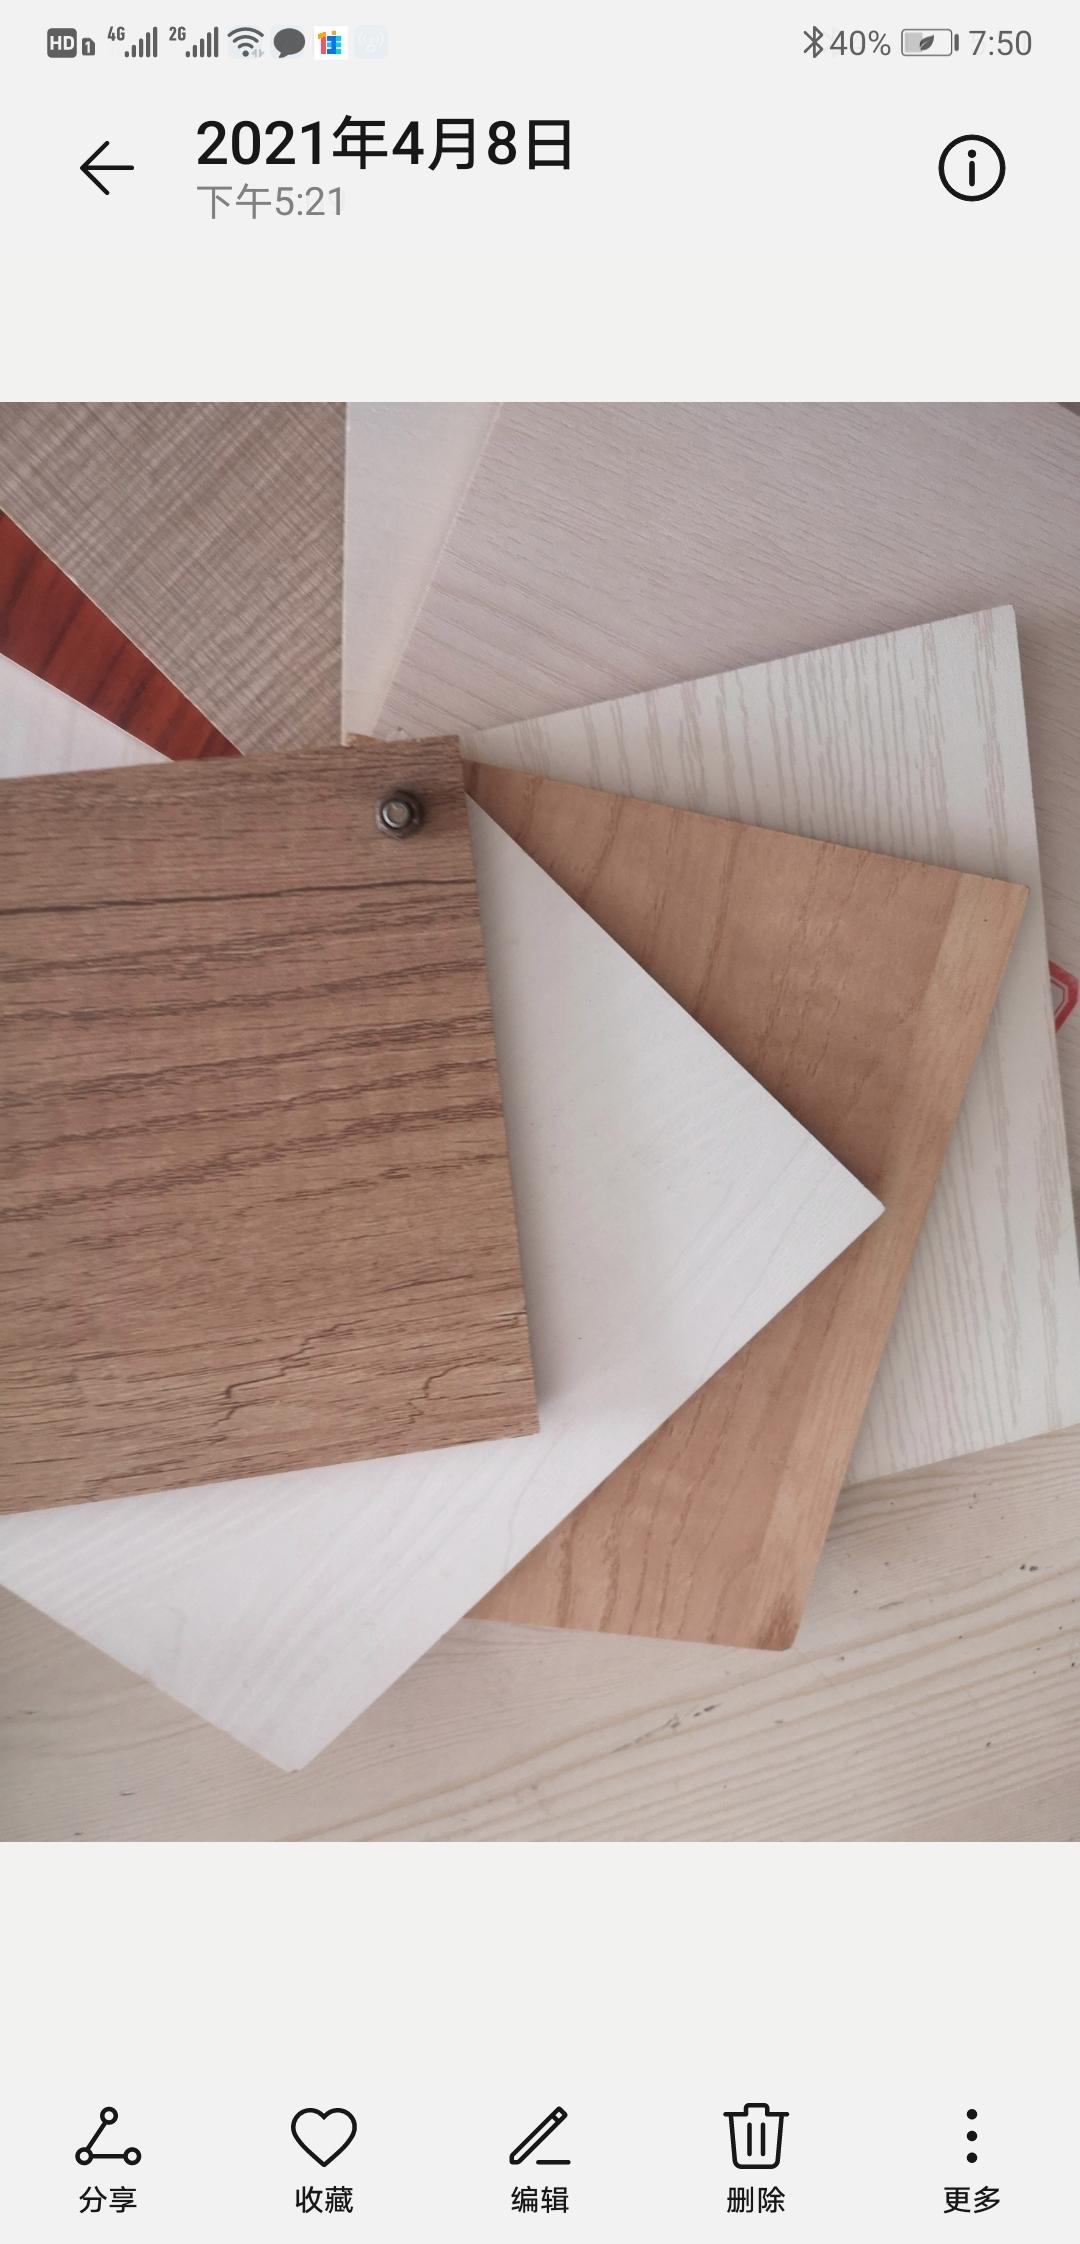 想做个酒柜,地板是灰色,下面这几种颜色哪种颜色搭配白色的柜门好看